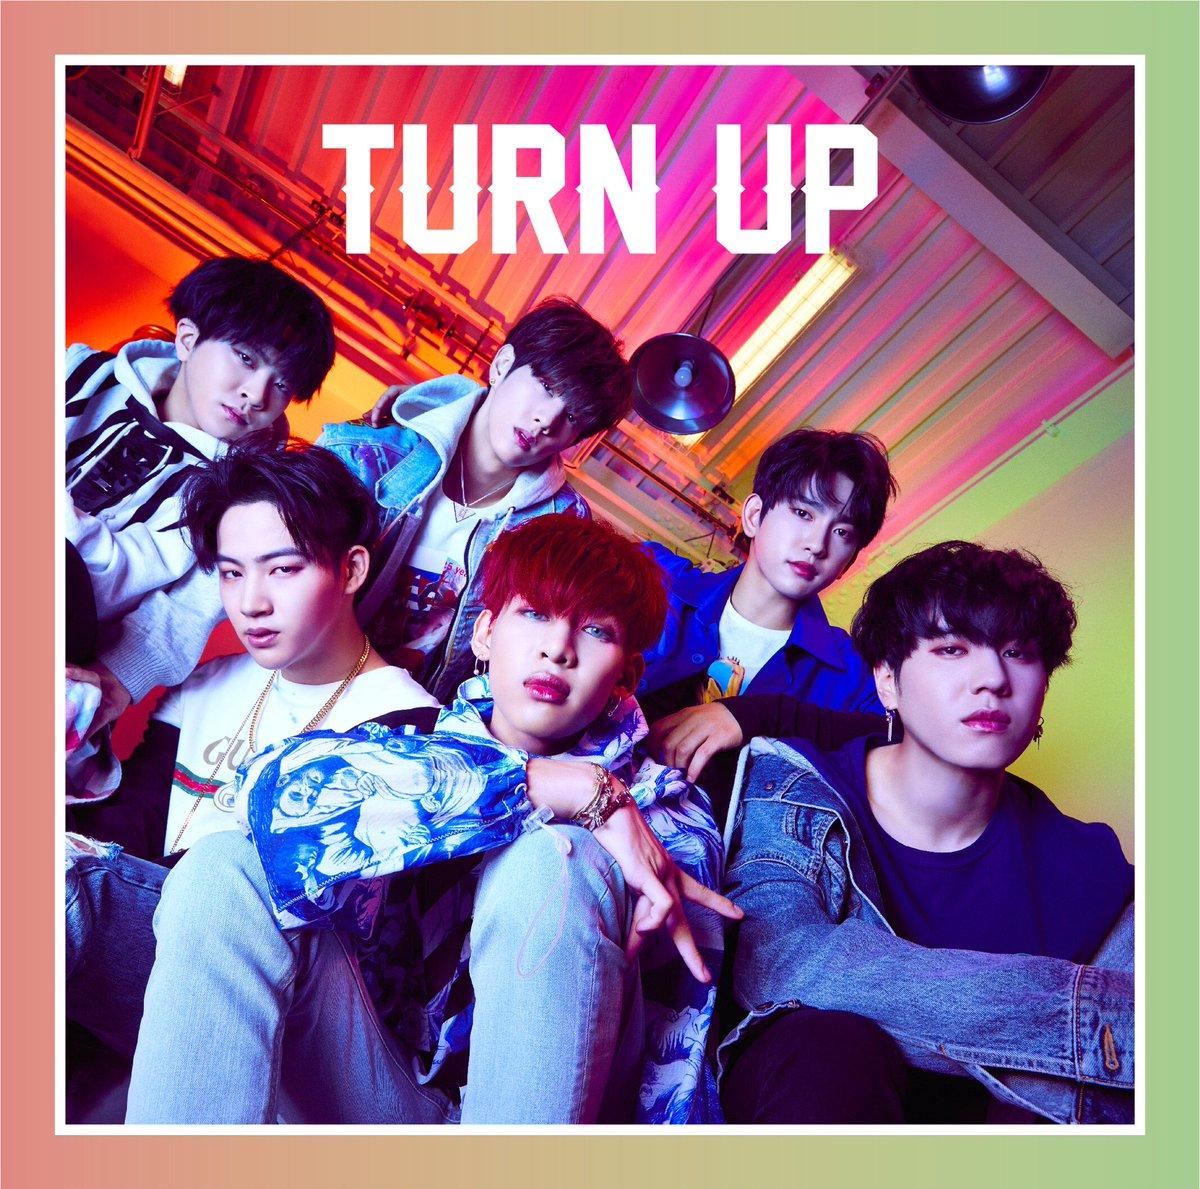 本日 11/15(水) GOT7 2nd Mini Album『TURN UP』発売日!JBが作詞・作曲・プロデュースを手掛けたリード曲「TURN UP」からメンバー2人ずつ組んだユニット曲も収録!ぜひチェックしてみてください♪ got7japan.com/discography/   #GOT7 #TURNUP